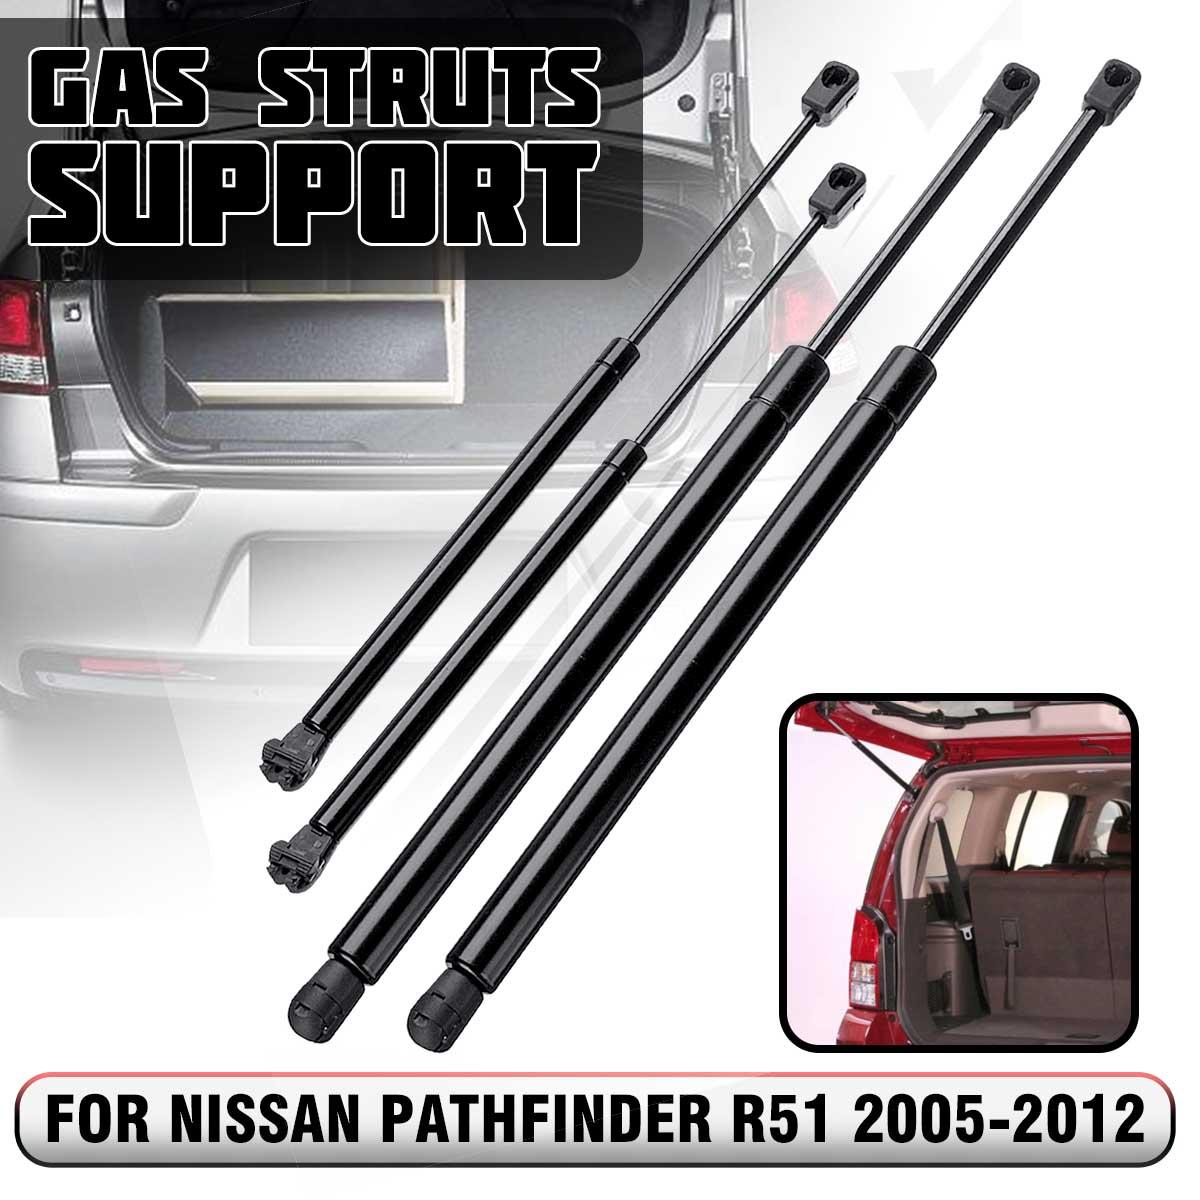 4 Uds ventana trasera portón trasero de arranque amortiguadores de Gas Barra de apoyo para Nissan Pathfinder R51 2005, 2006, 2007, 2008, 2009, 2010, 2011, 2012